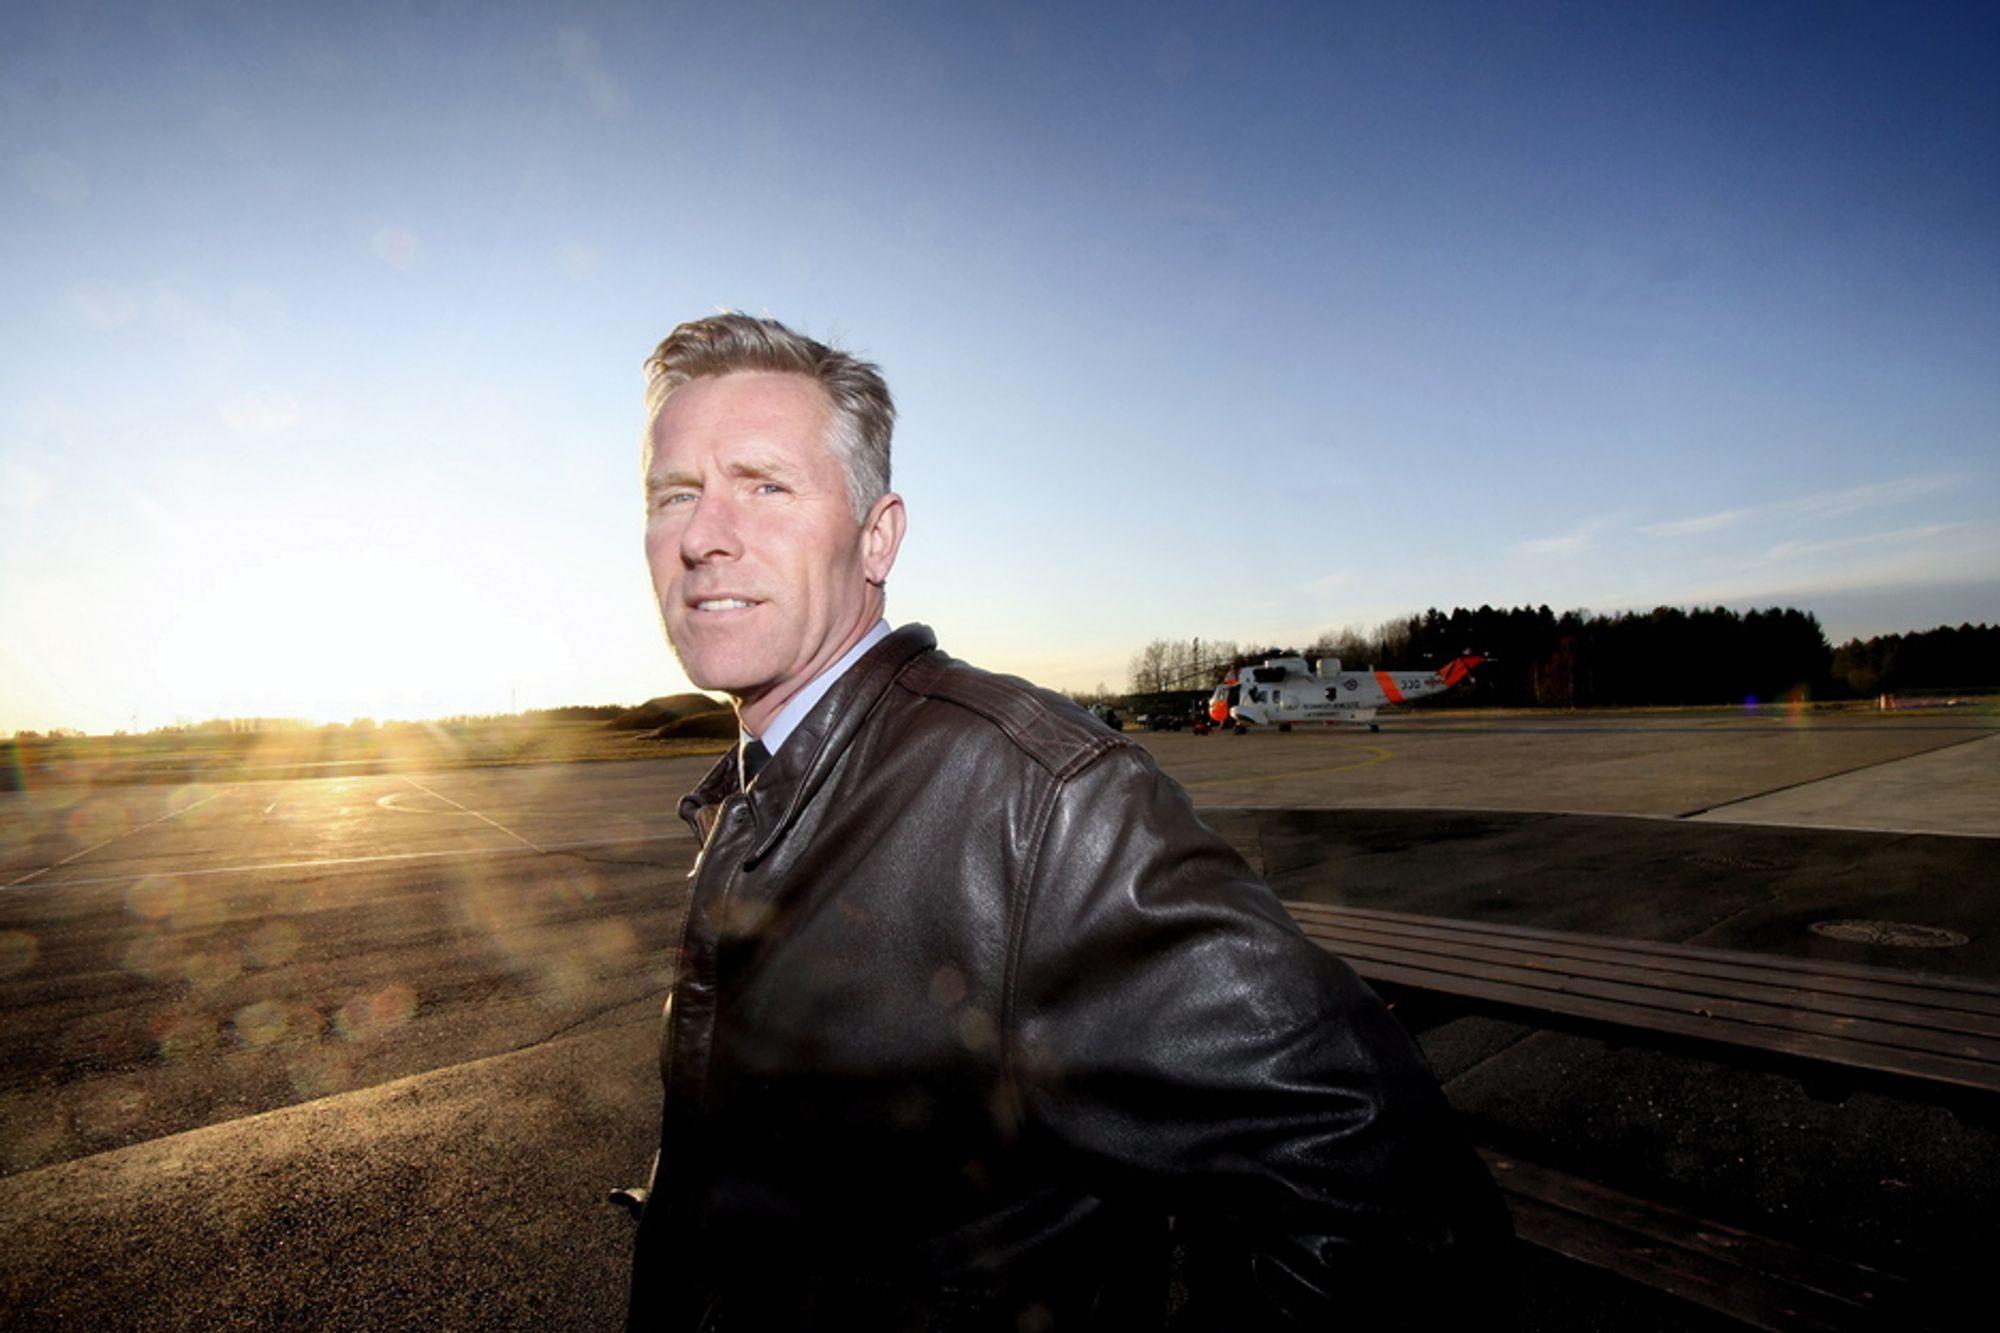 HOS NULLERN PÅ RYGGE: Oberst Stig Nilsson er Forsvarets prosjektleder i NAWSARH. Han er ingen helikoptermann, men har sin bakgrunn fra kampflyene F-5 og F-16.